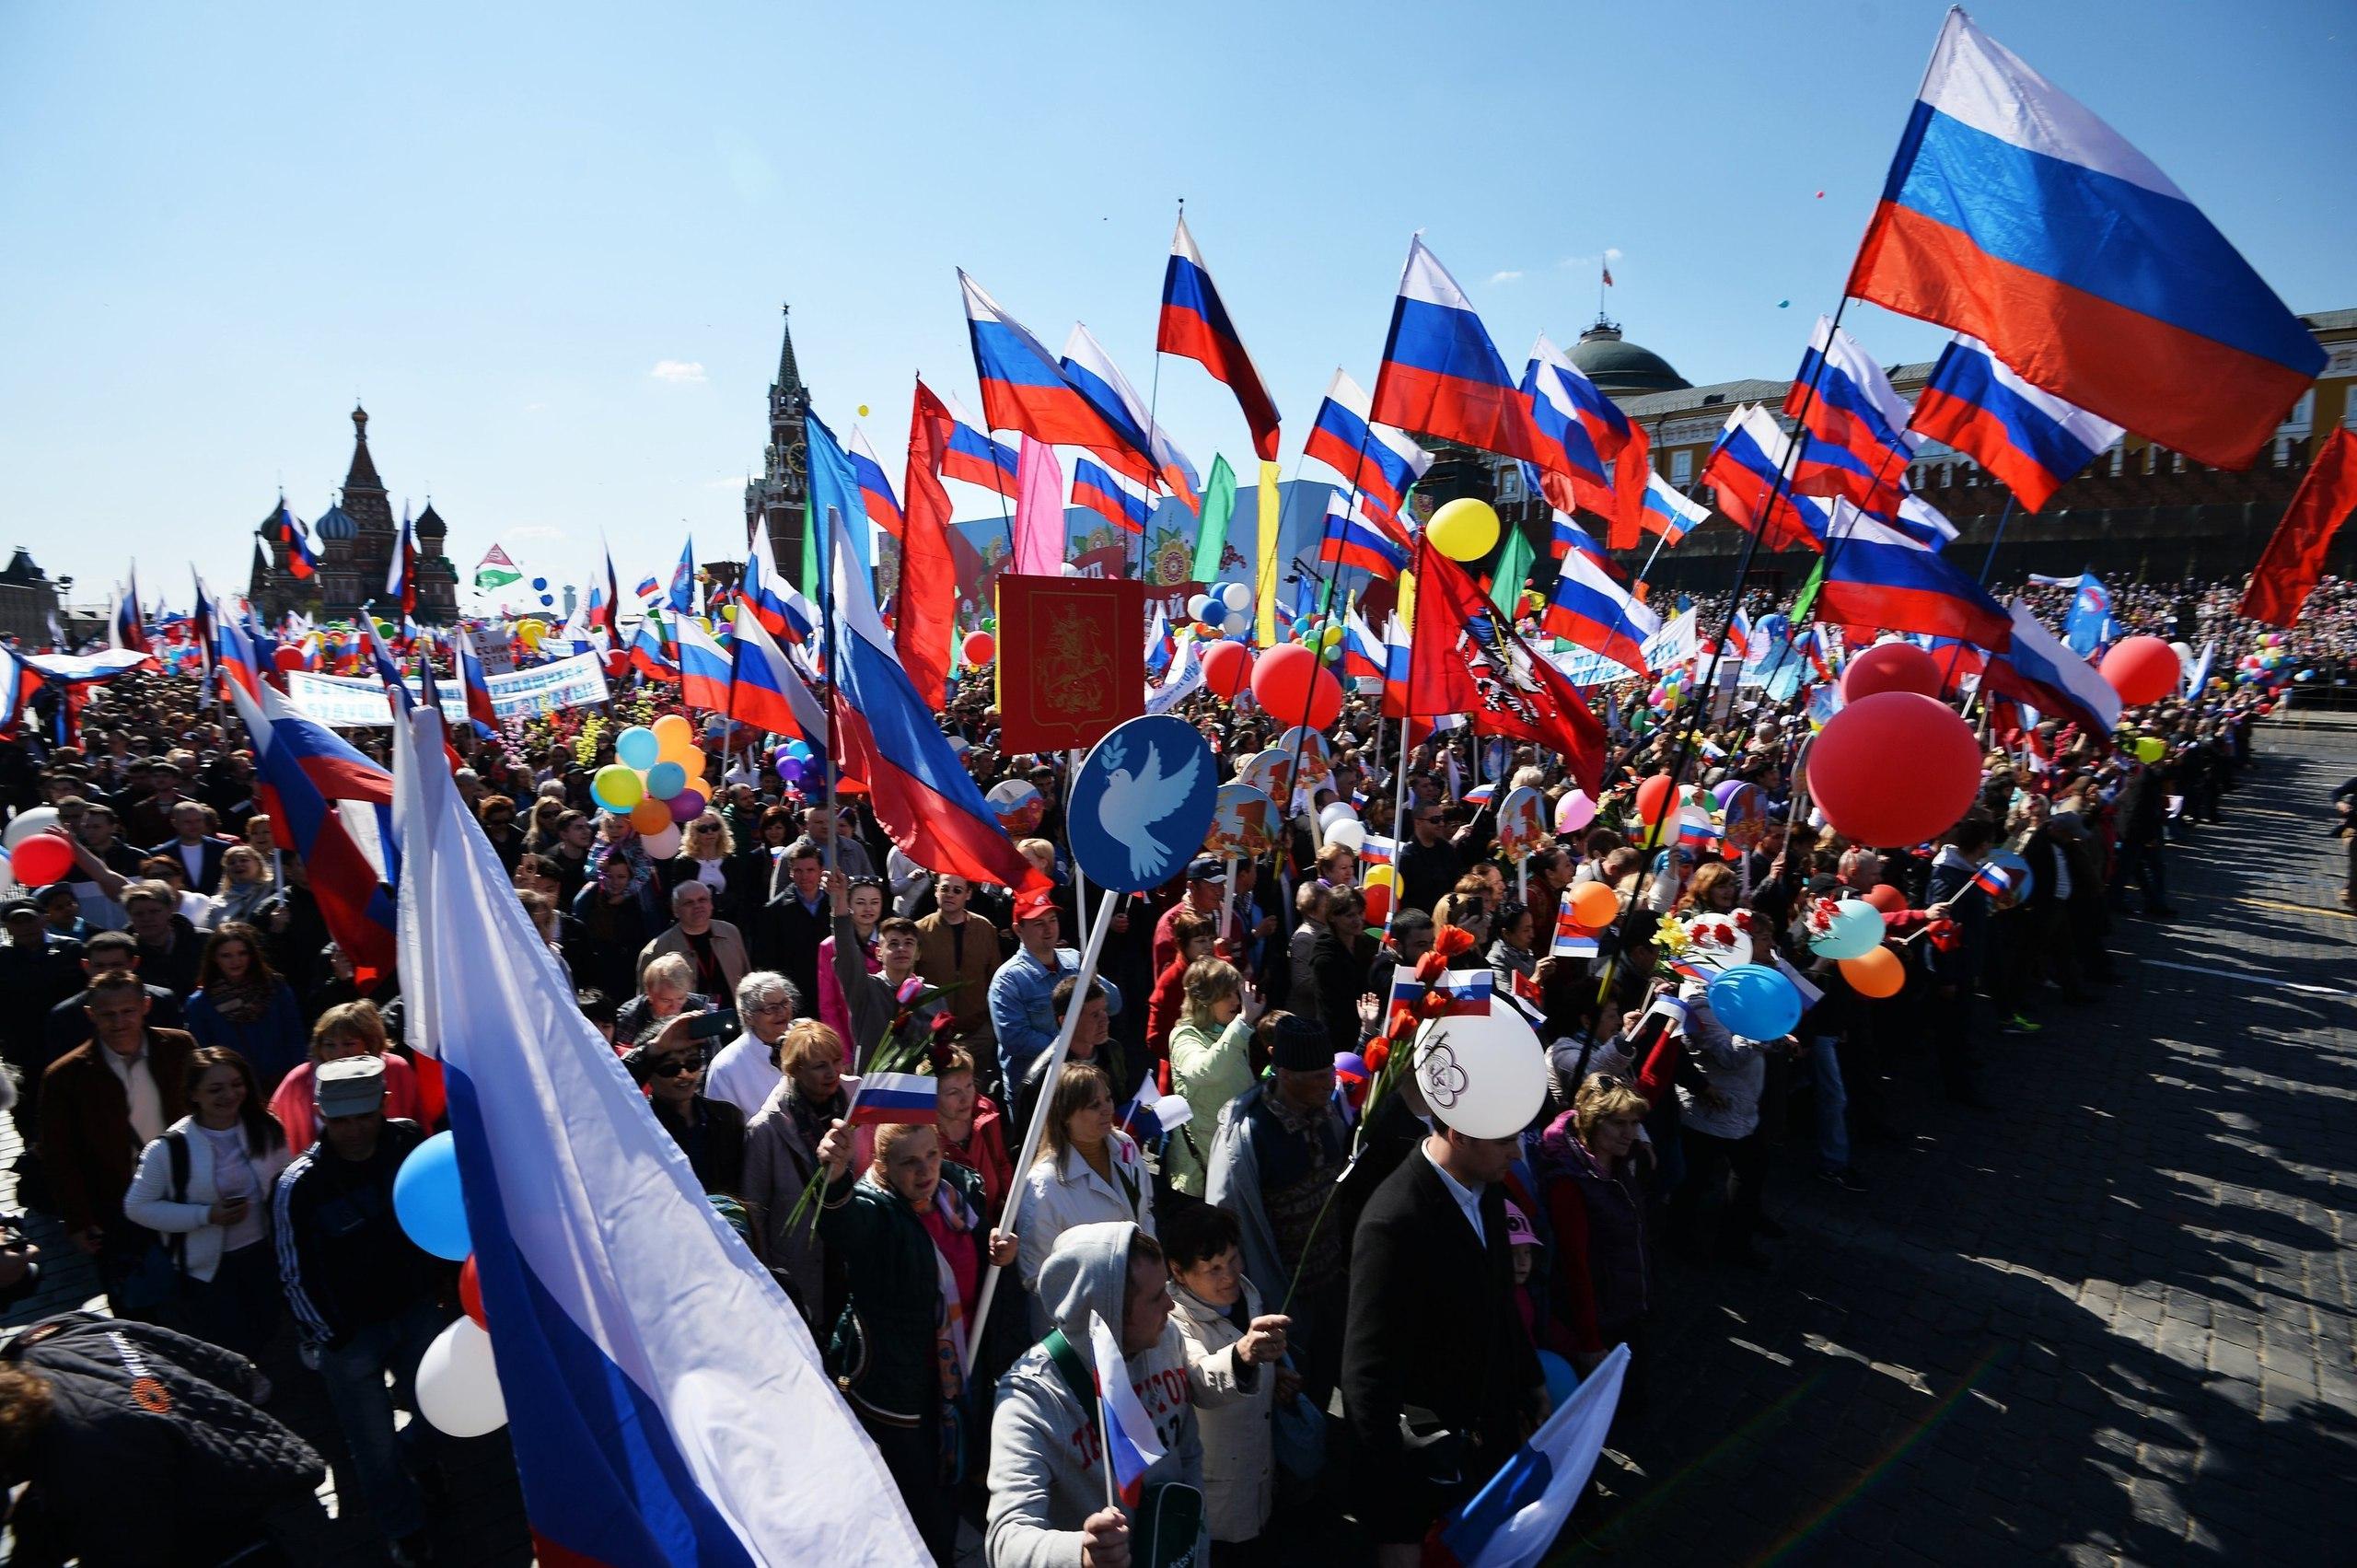 Первомайская демонстрация в Москве состояла из российских флагов, и плакатов с требованиями повысить зарплату